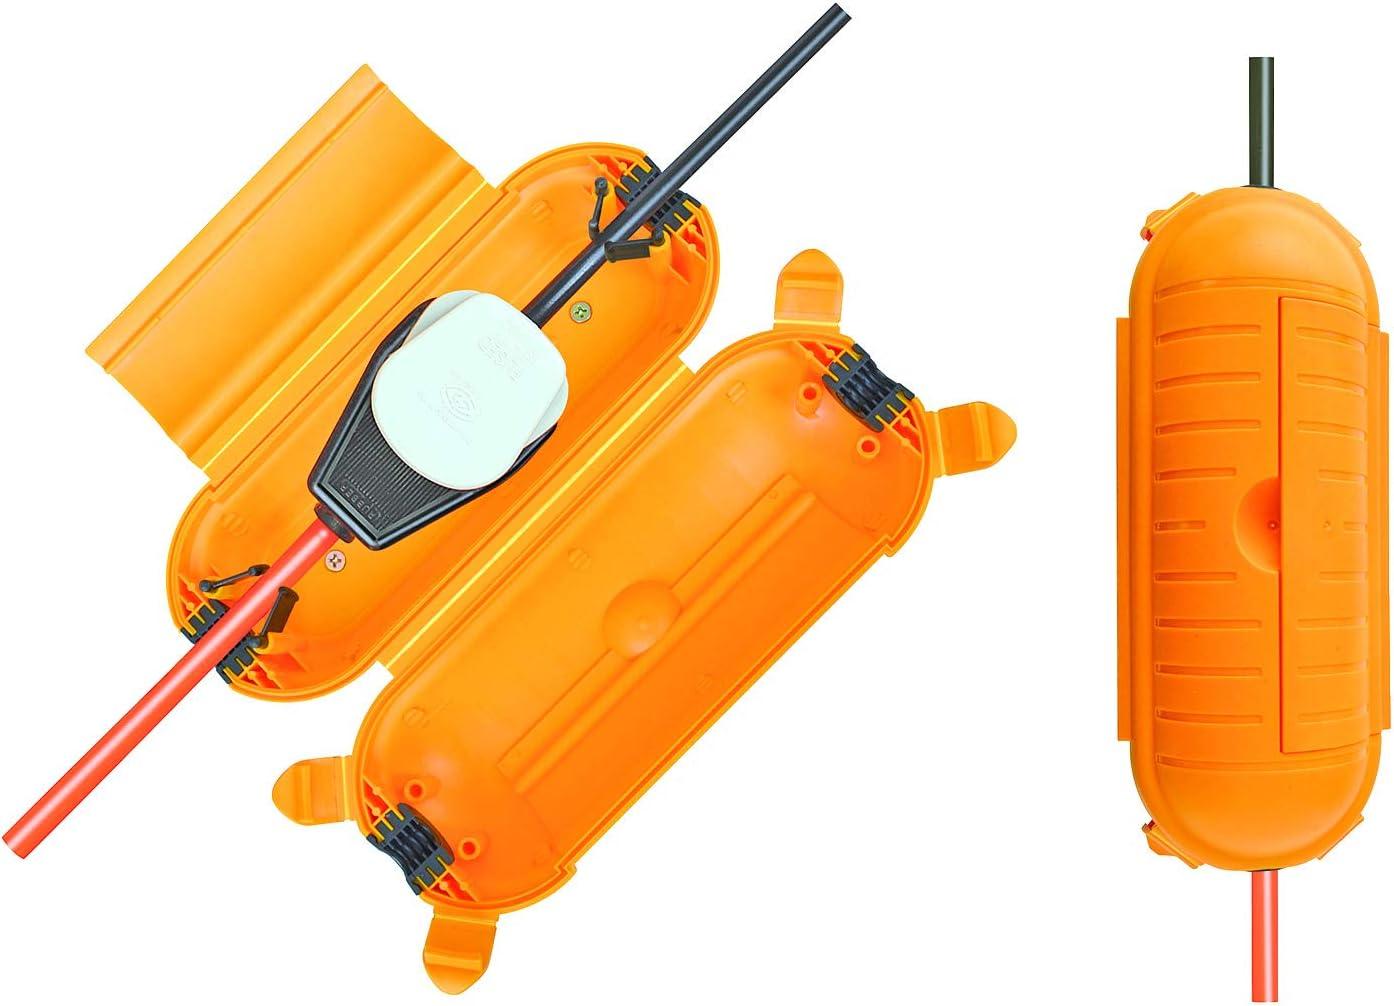 Brennenstuhl Safe Box Big Ip44 Schutzbox Für Verlängerungskabel Schutzkapsel Für Kabel Im Außenbereich Gelb Baumarkt